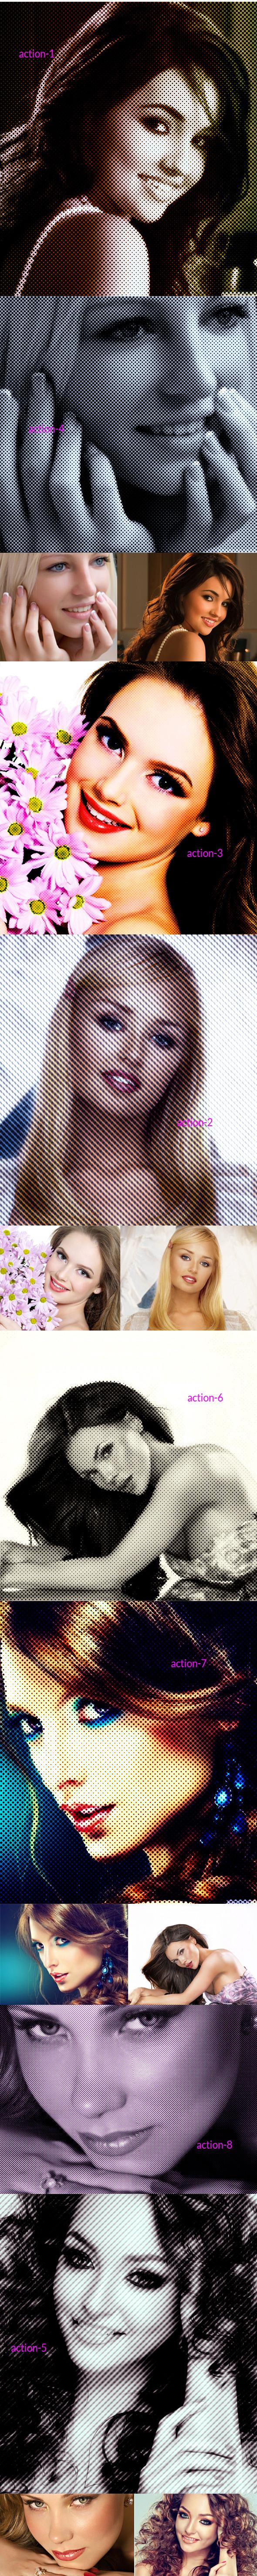 Halfatone Action - Actions Photoshop